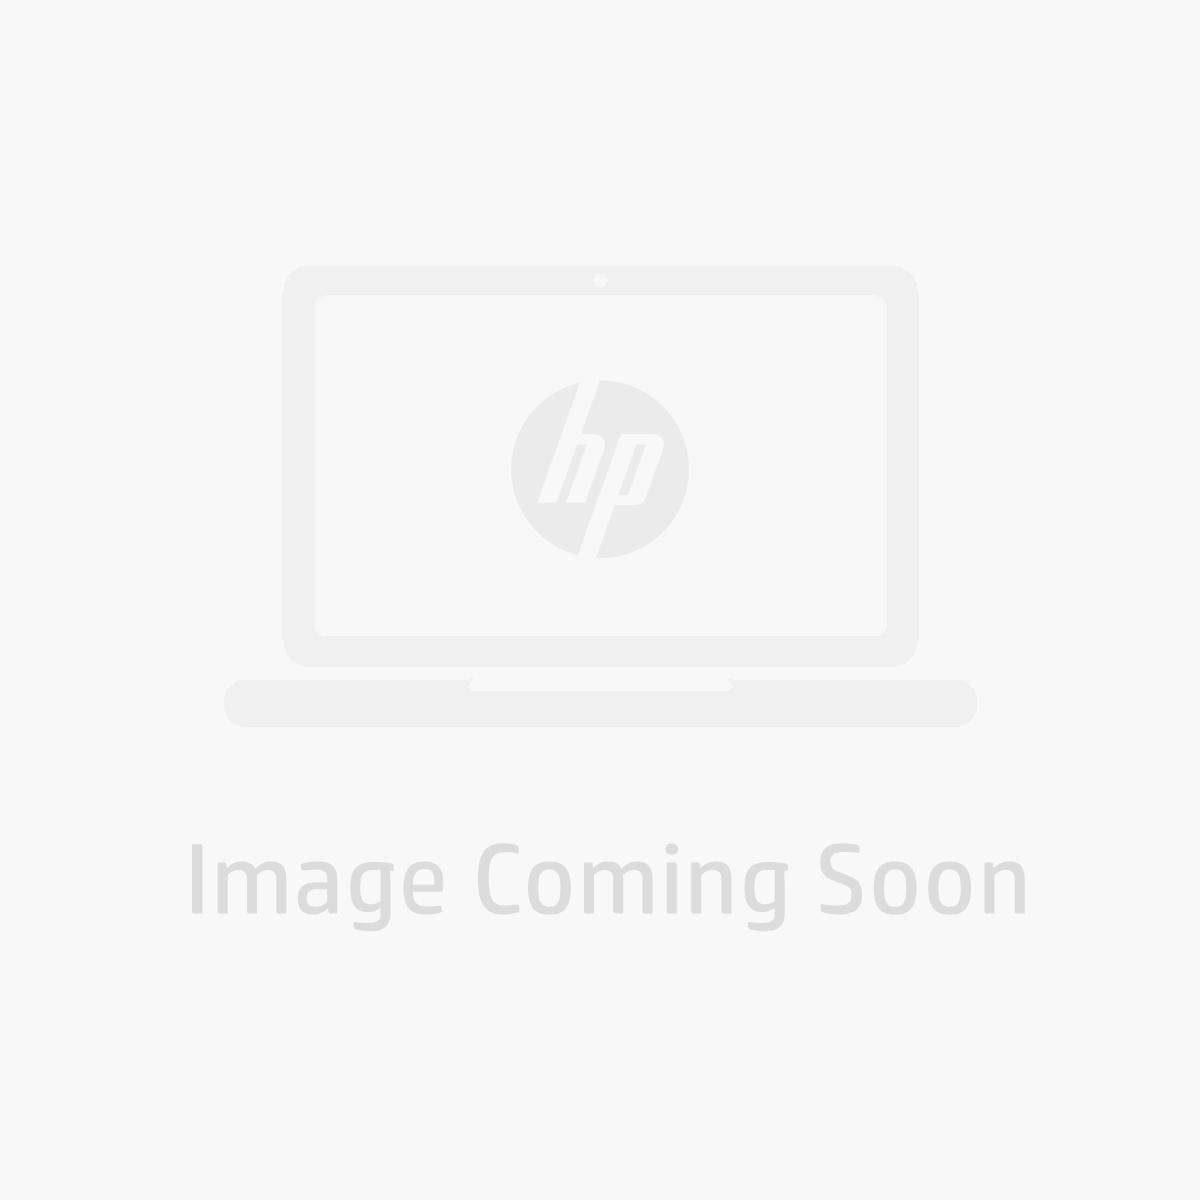 HP DeskJet 2630 All-in-One Printer Blue